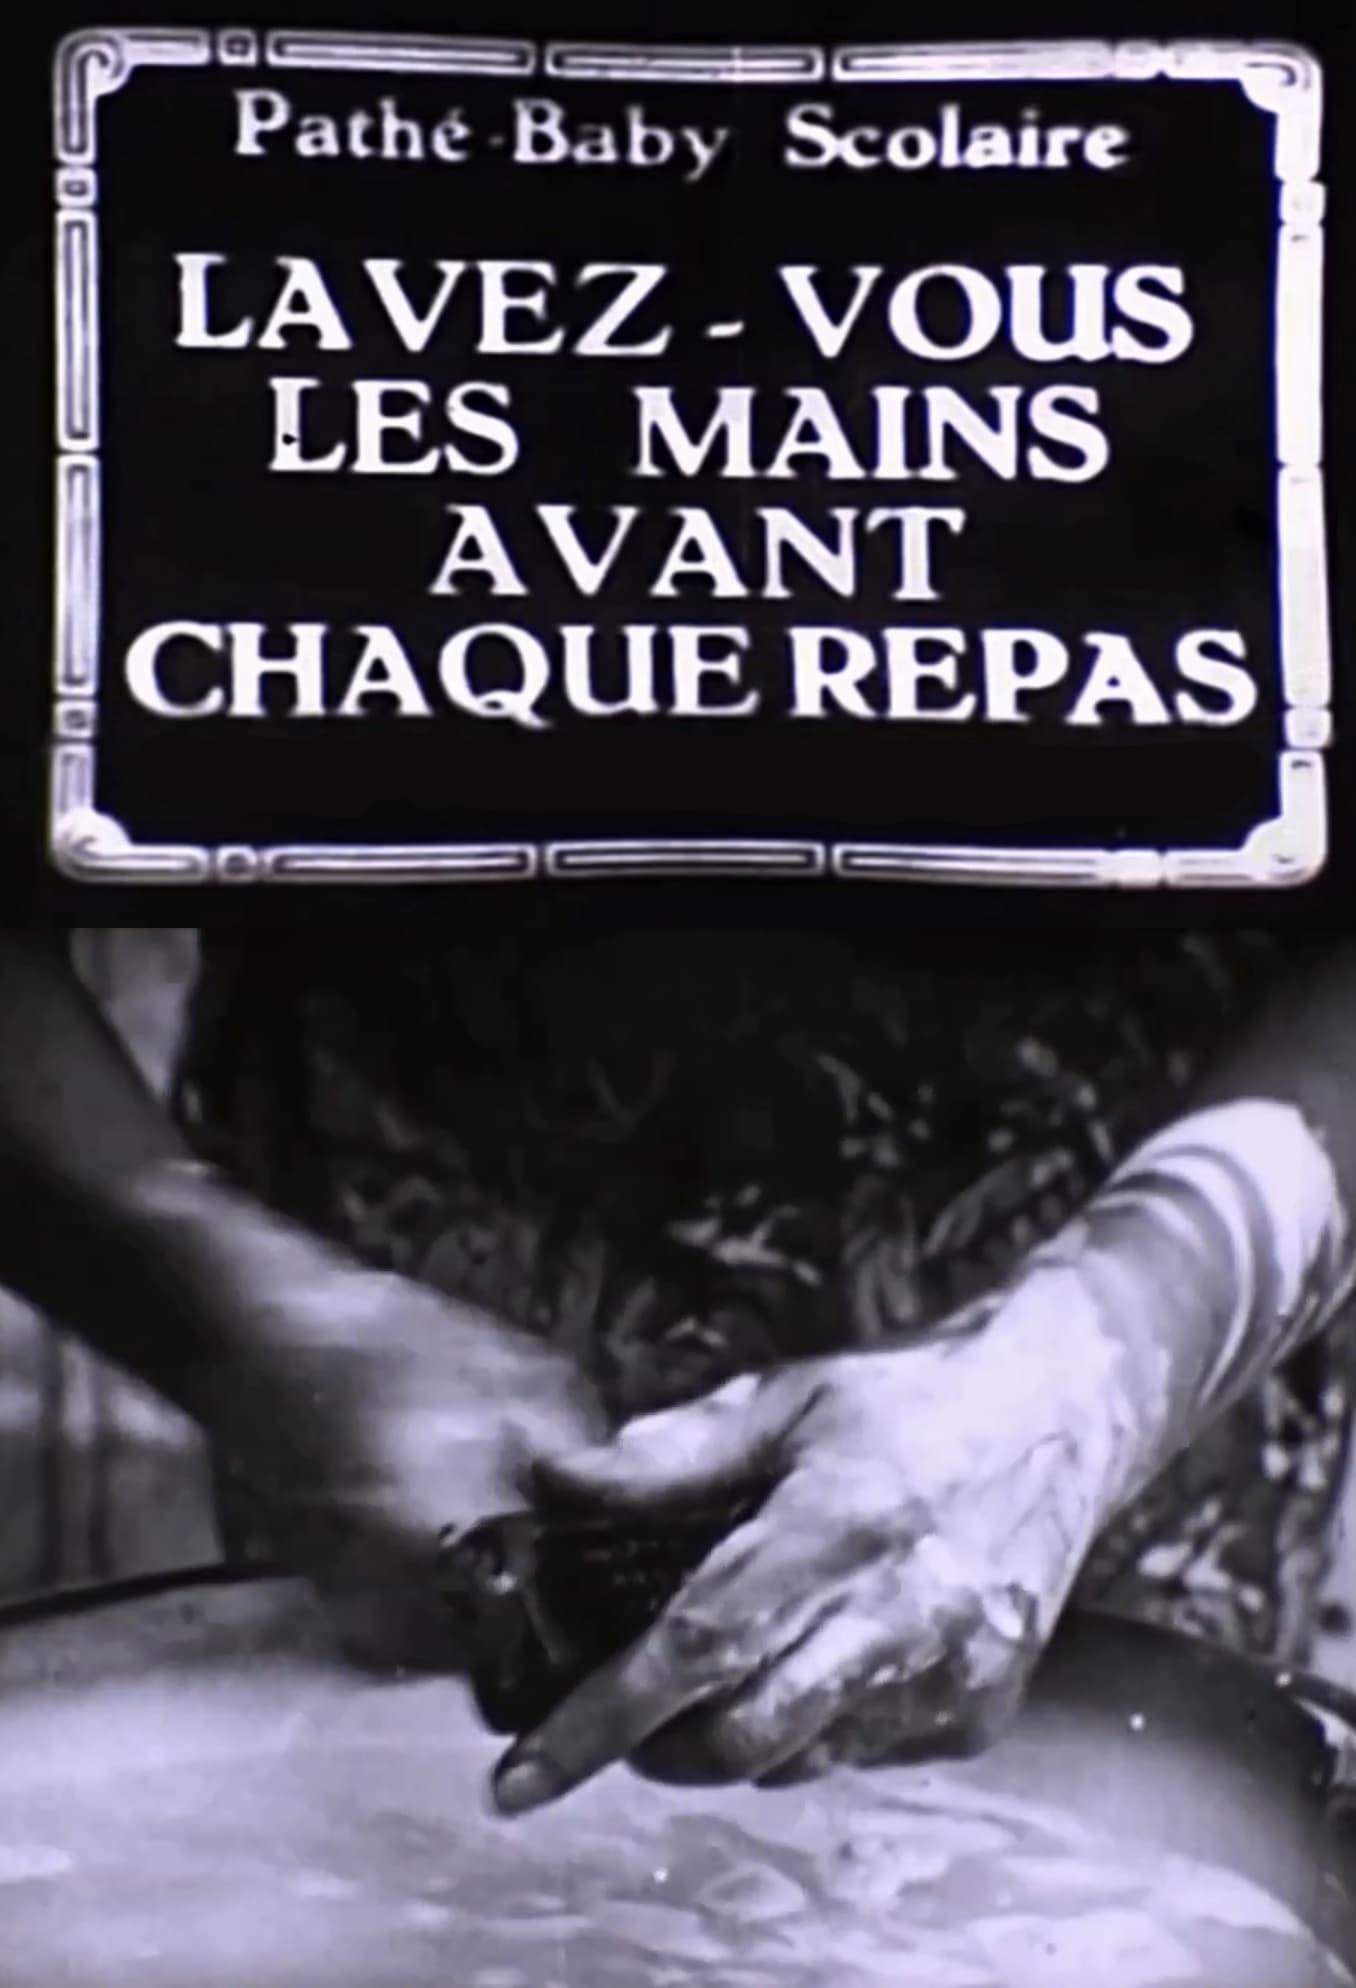 Lavez-vous les mains avant chaque repas (1918)